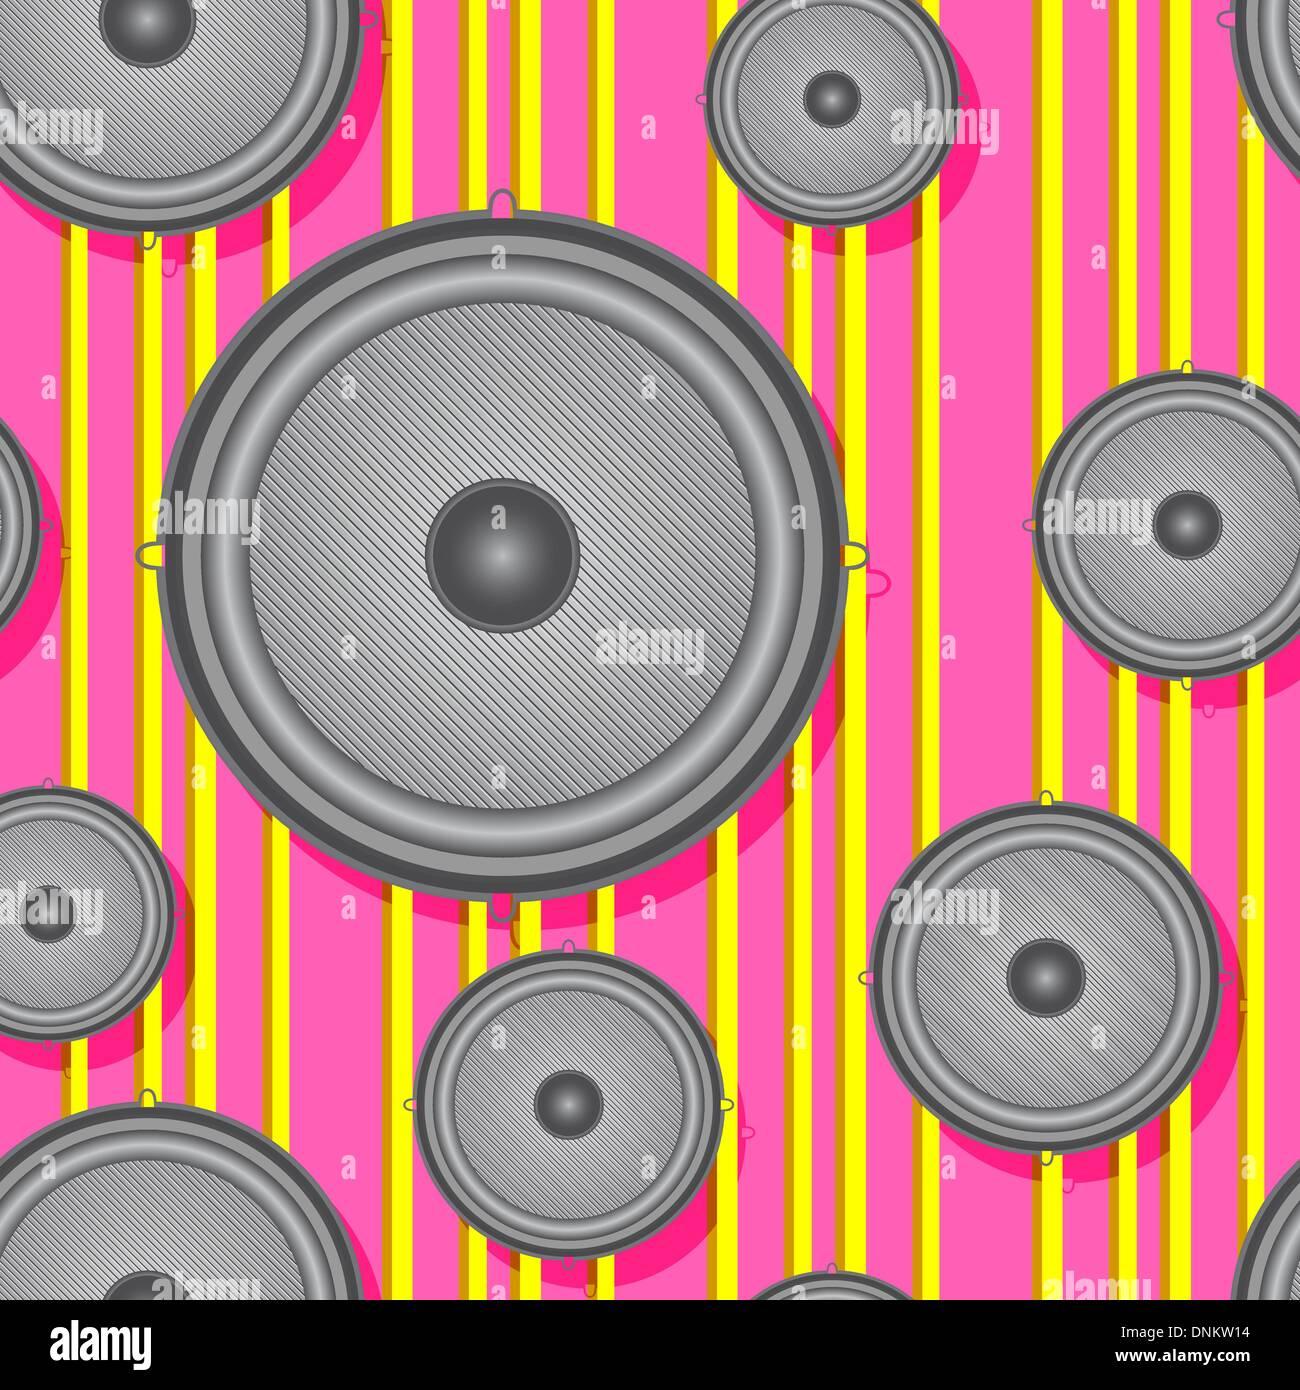 Lautsprecher nahtlose Hintergrund. Vektor-Illustration. Stockbild